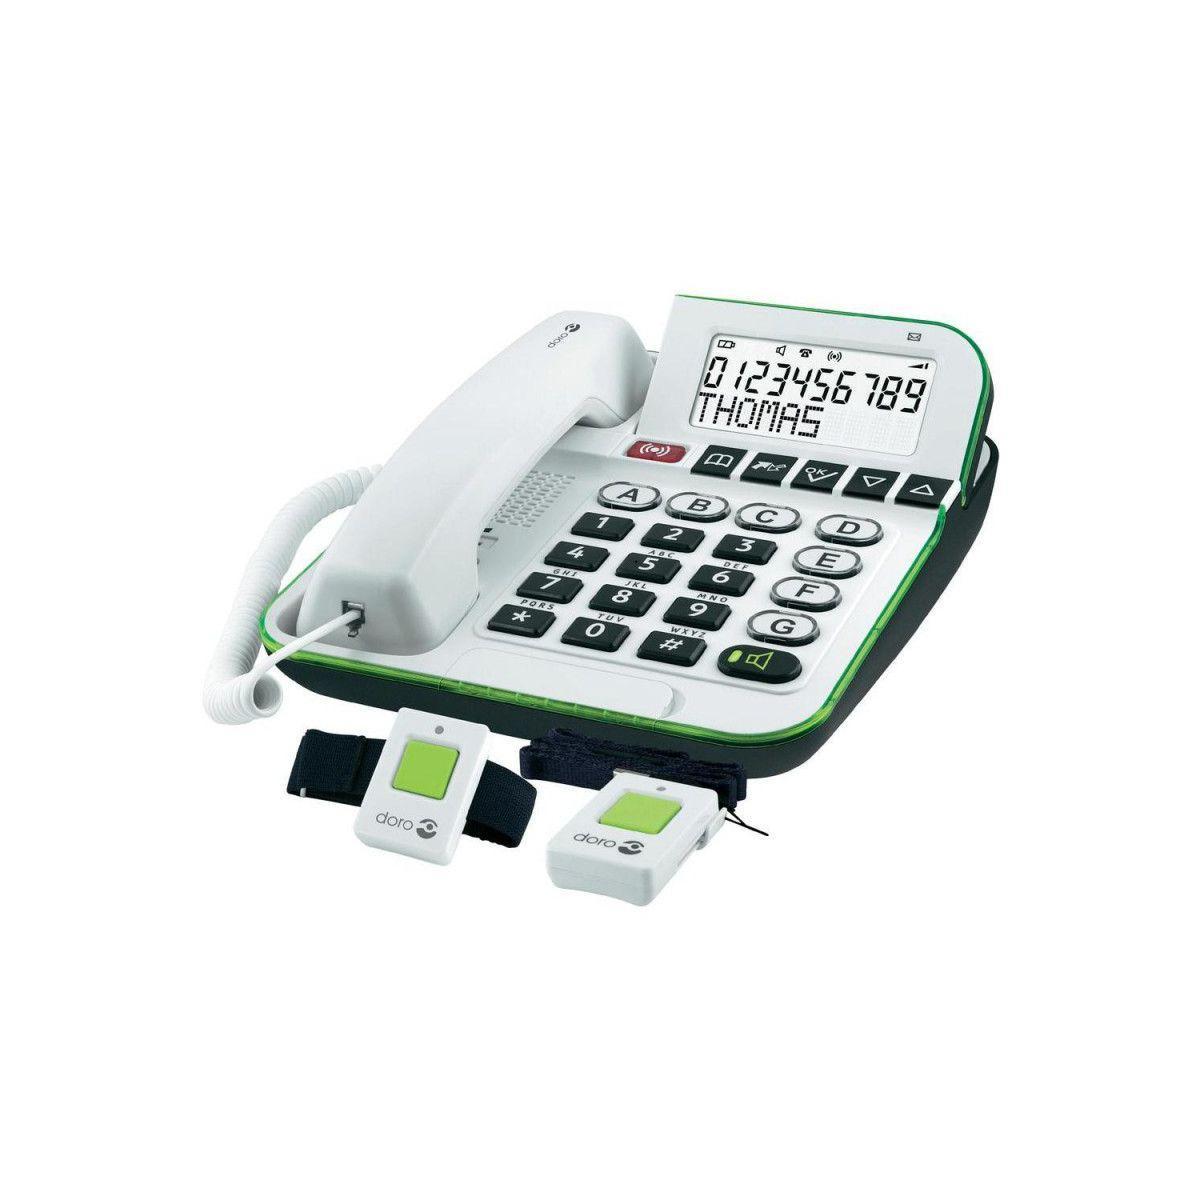 Tél. doro secure 350 blanc - livraison offerte avec le code nouveaute (photo)